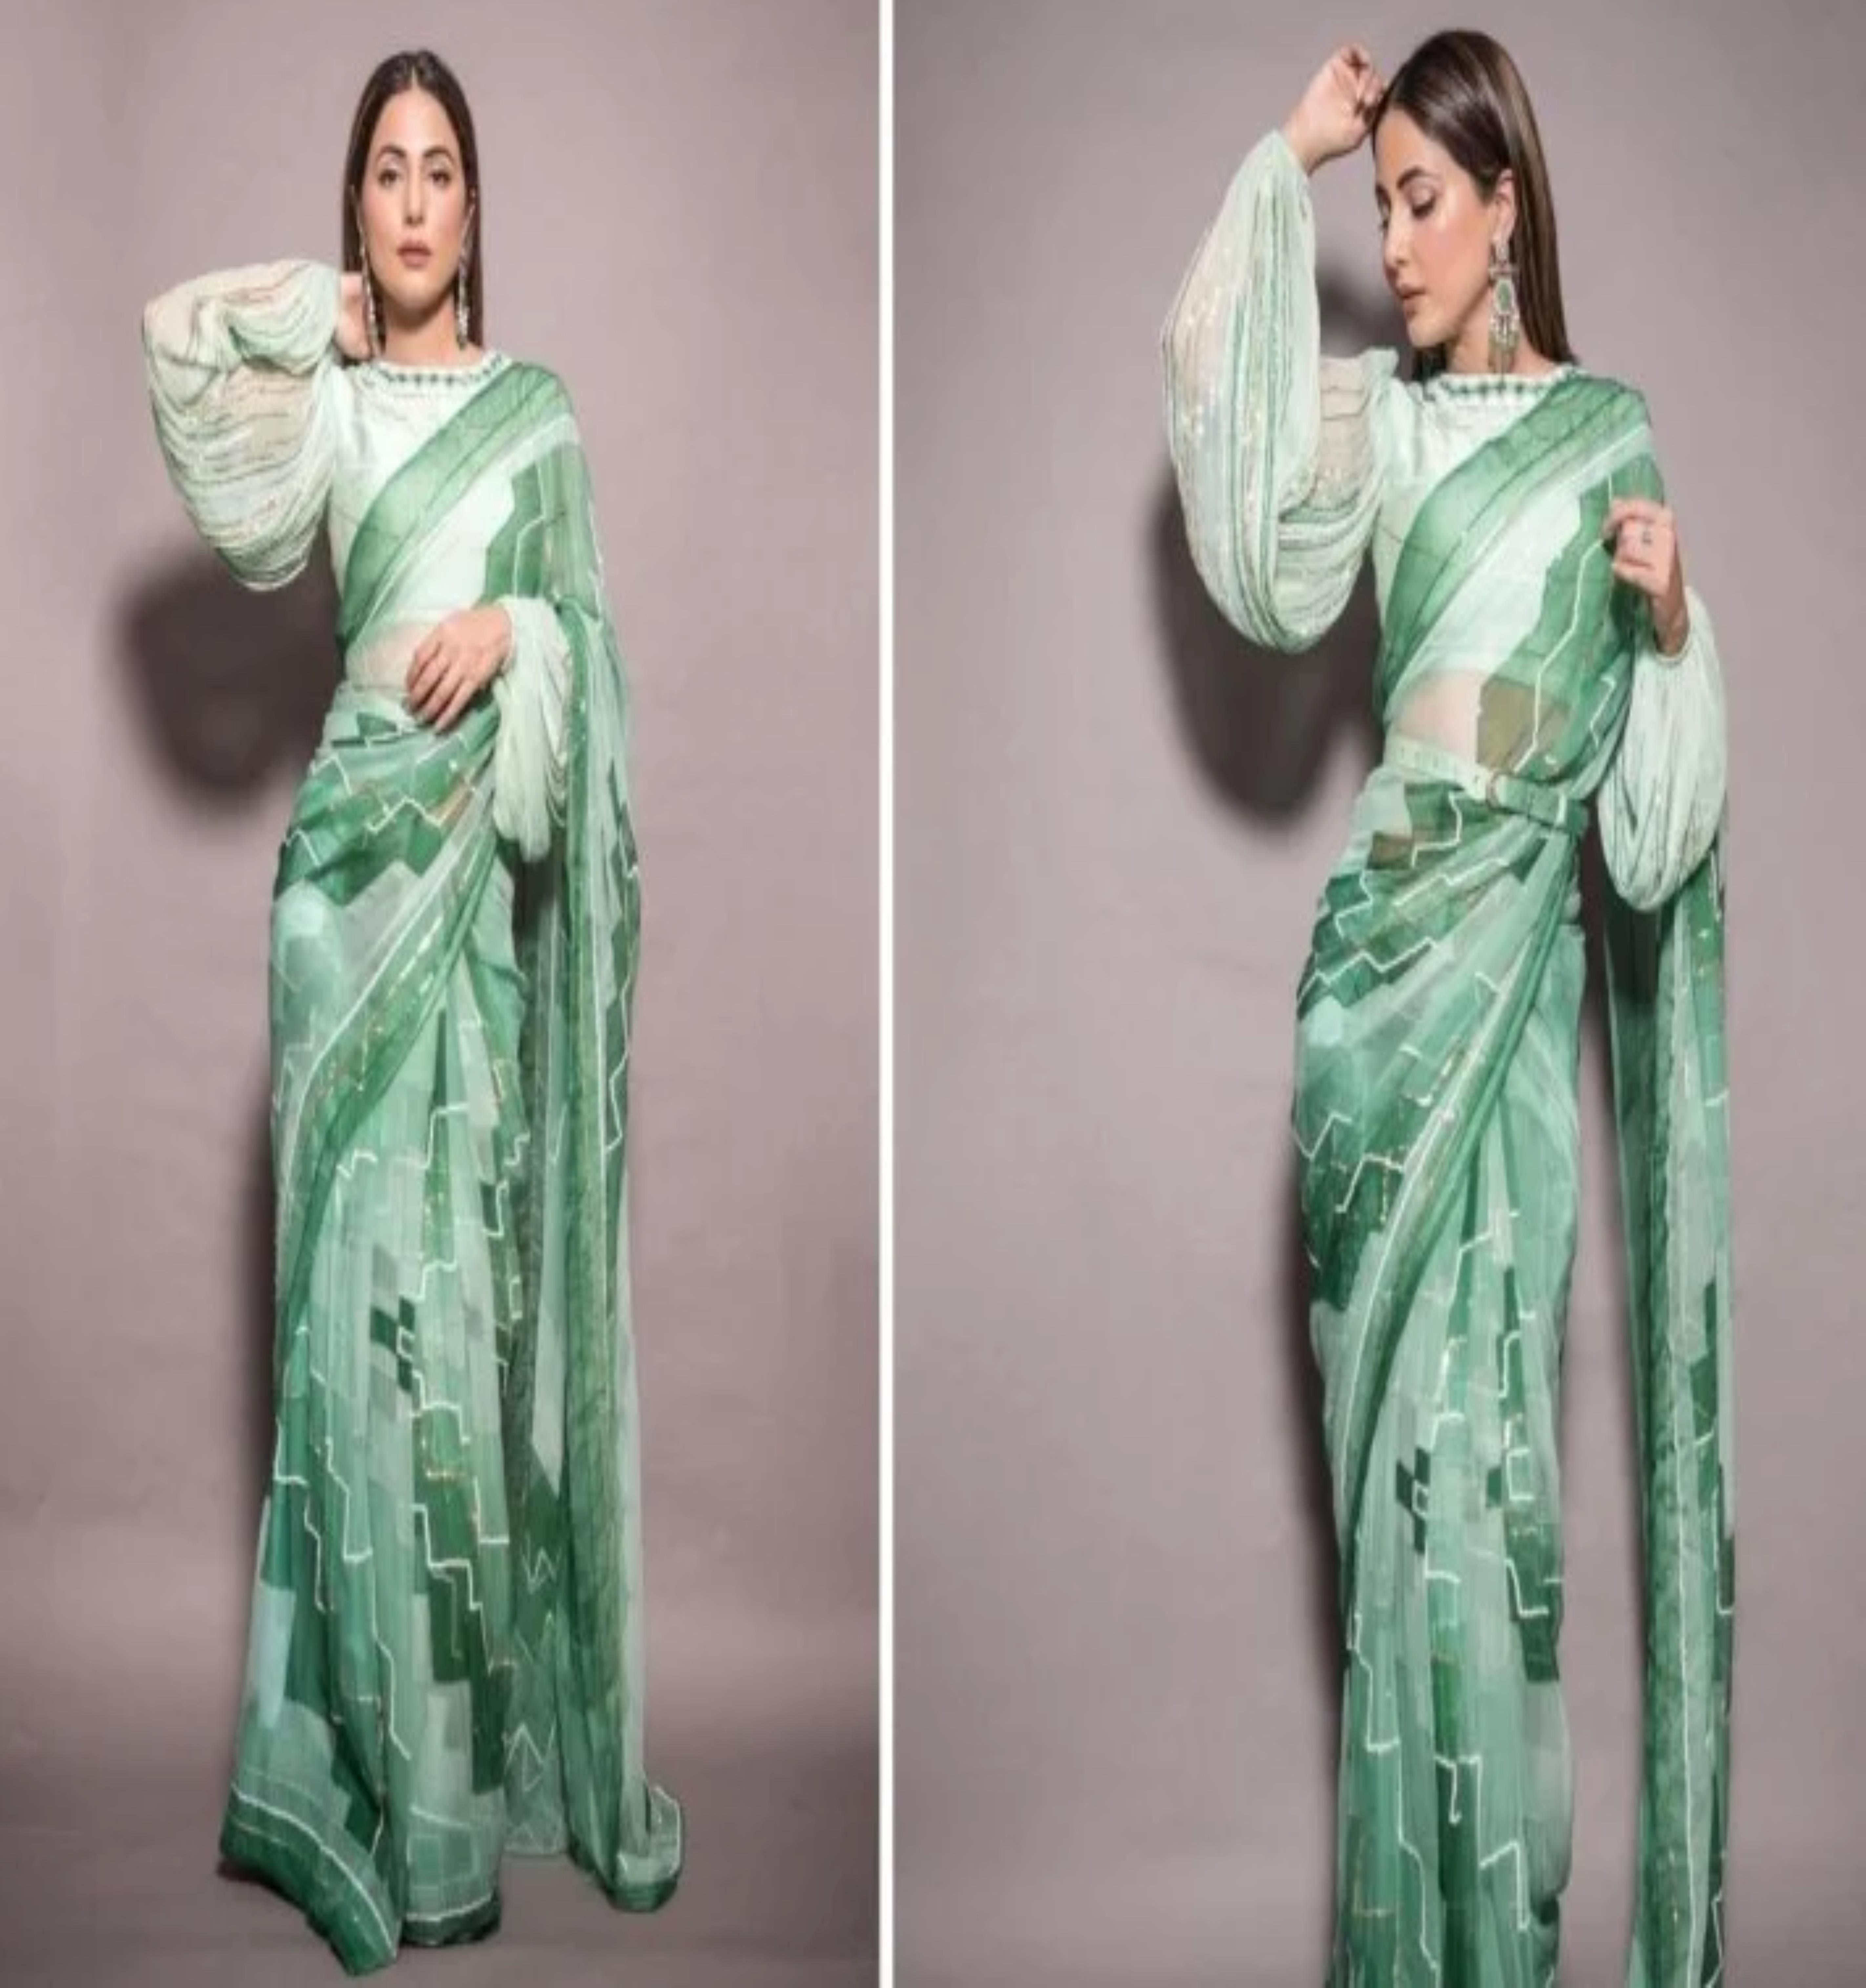 होली टिप्स: हिना खान की इस देसी लुक को होली पर अपनाएं, सबकी नज़र आप पर होगी